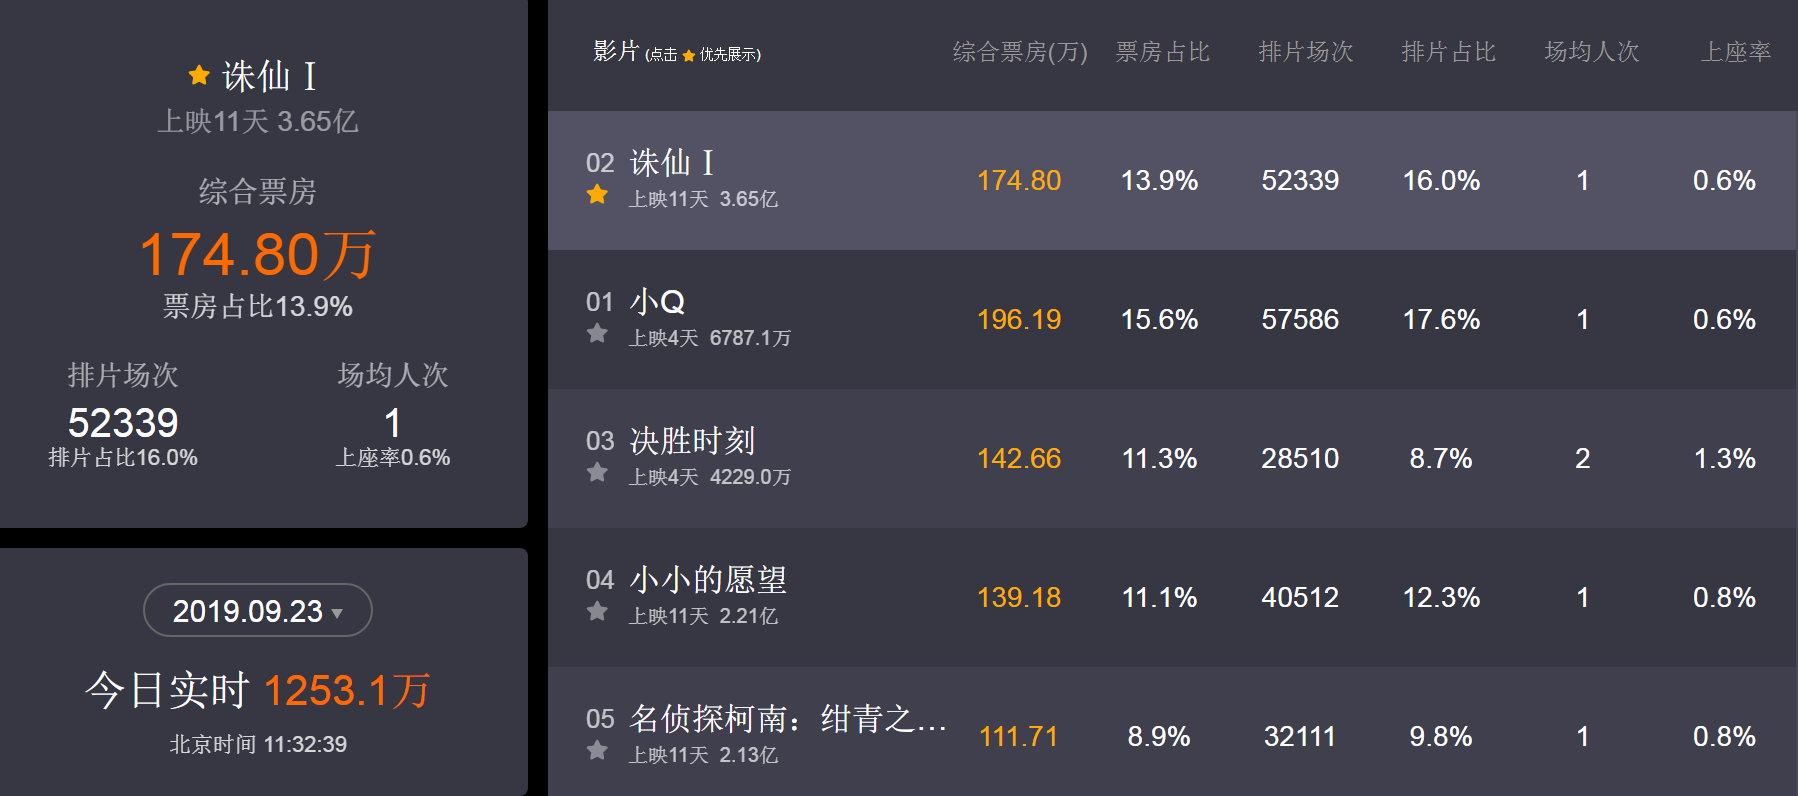 《诛仙Ⅰ》票房破3亿口碑低至5.3分 赢了金钱却失去人心